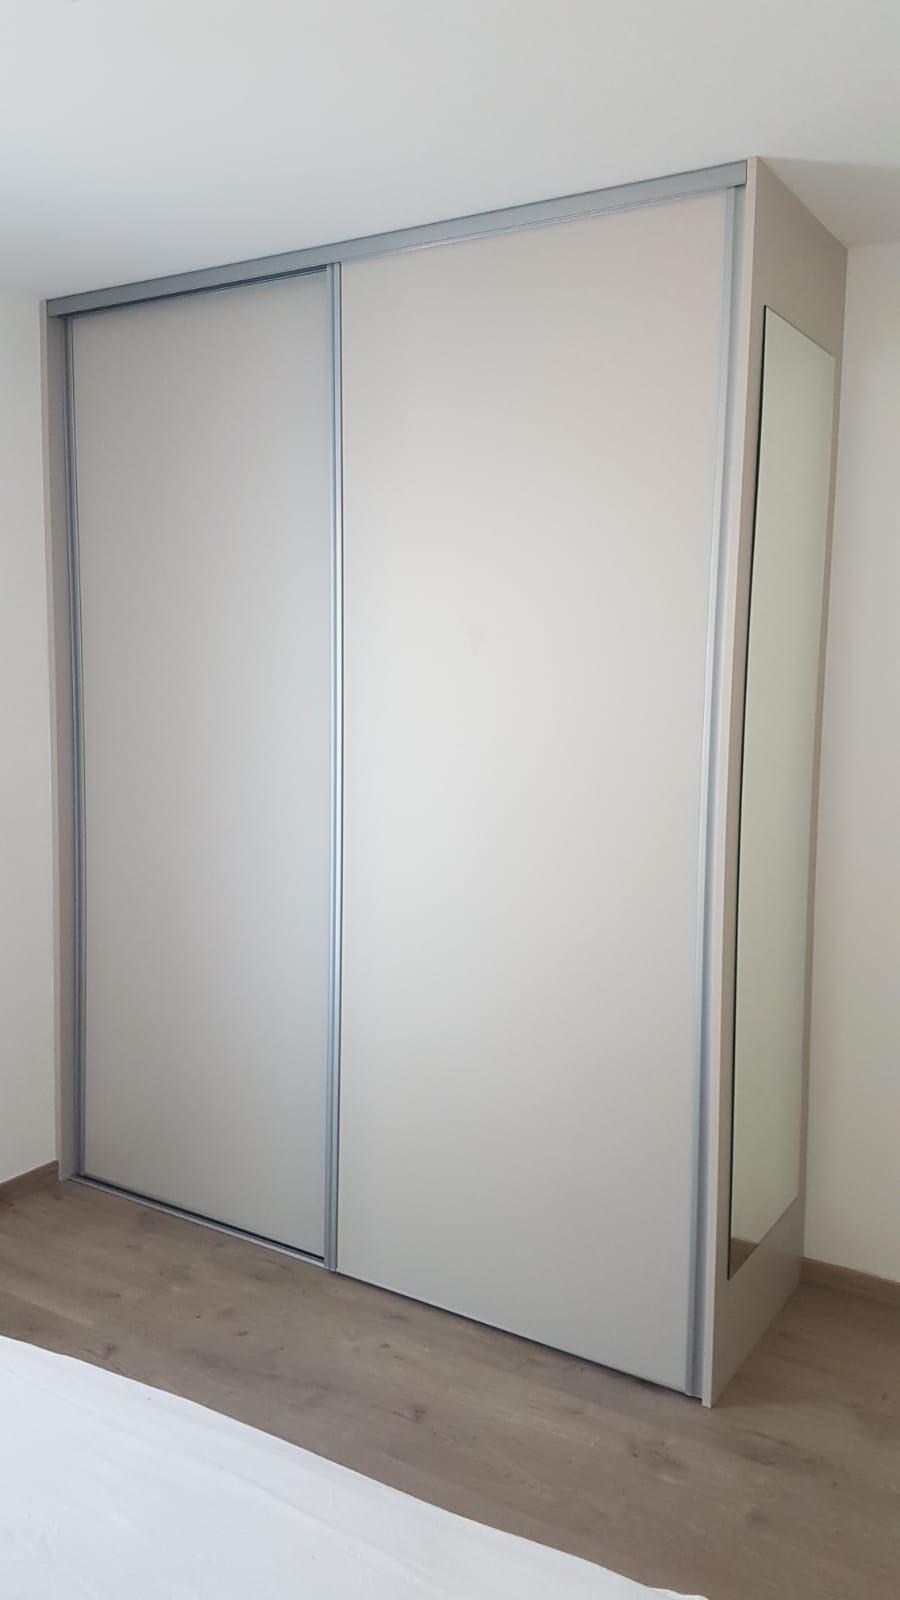 Placard Avec Des Portes Coulissantes Dans Une Chambre